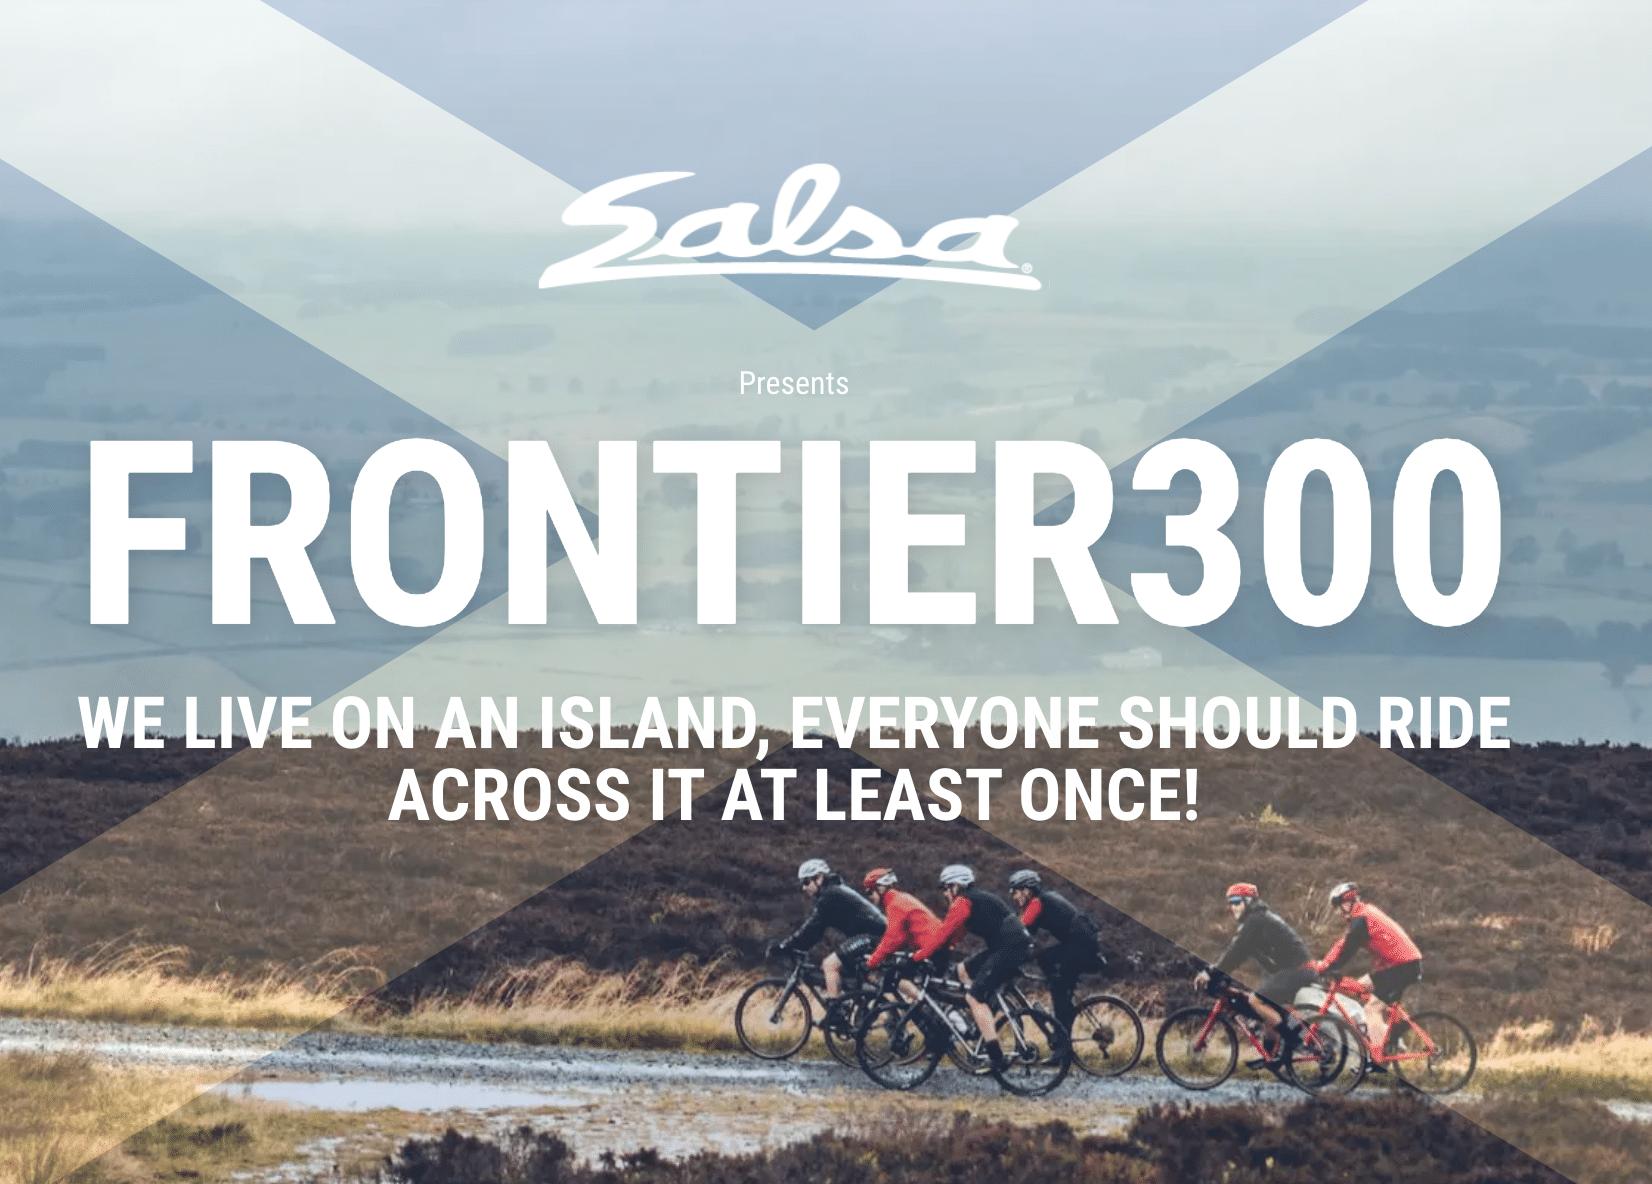 Frontier 300